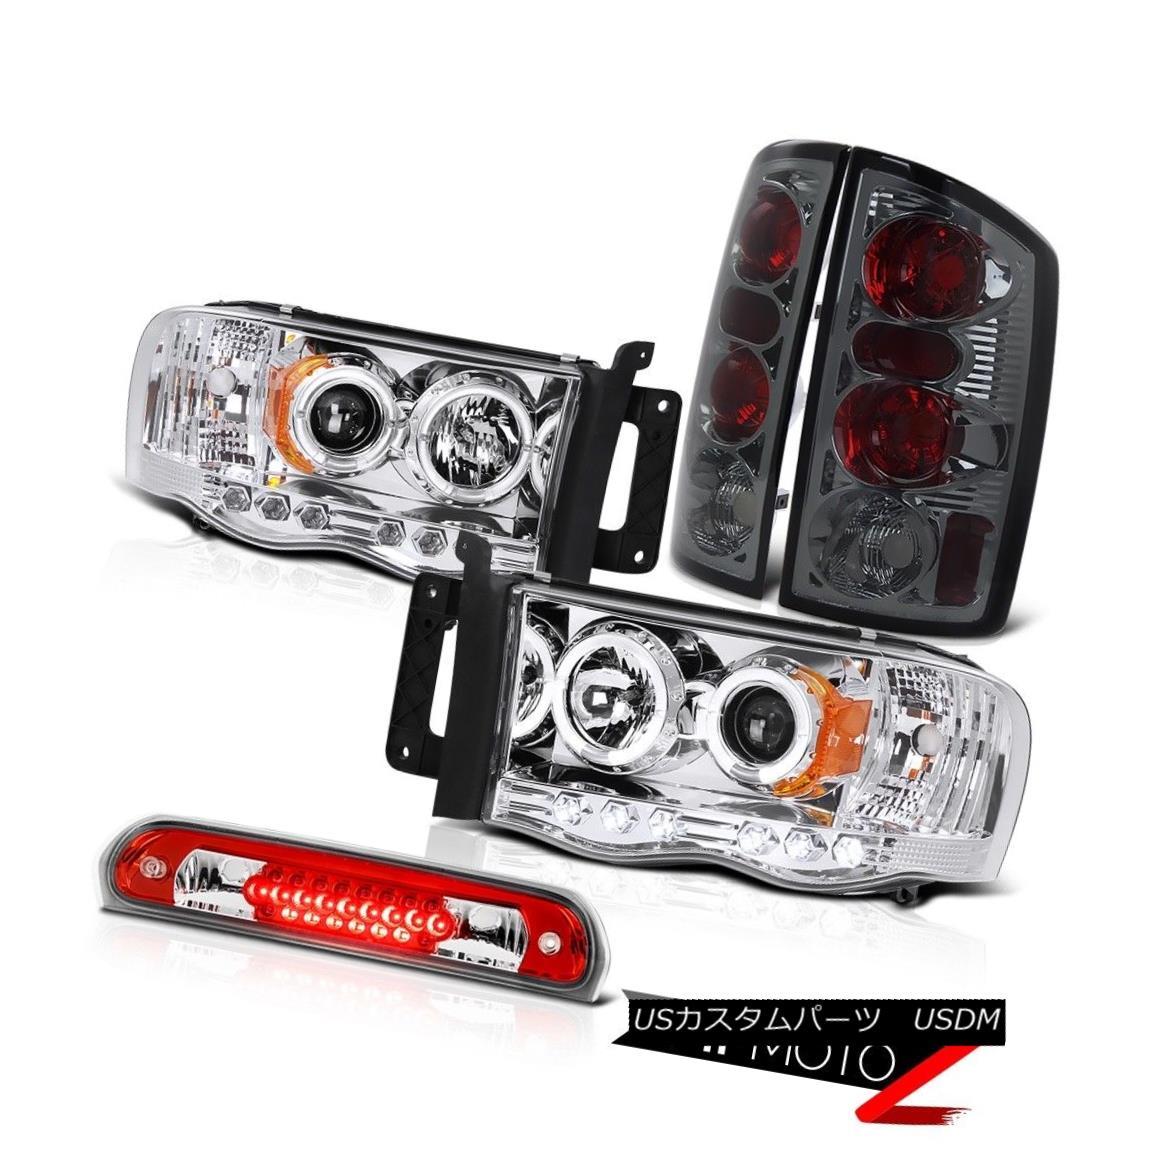 テールライト Halo Rim Headlights Smoke Taillights Roof Brake LED Red 02-05 Ram TurboDiesel ハローリムヘッドライトスモークテールライトルーフブレーキLEDレッド02-05ラムターボディーゼル